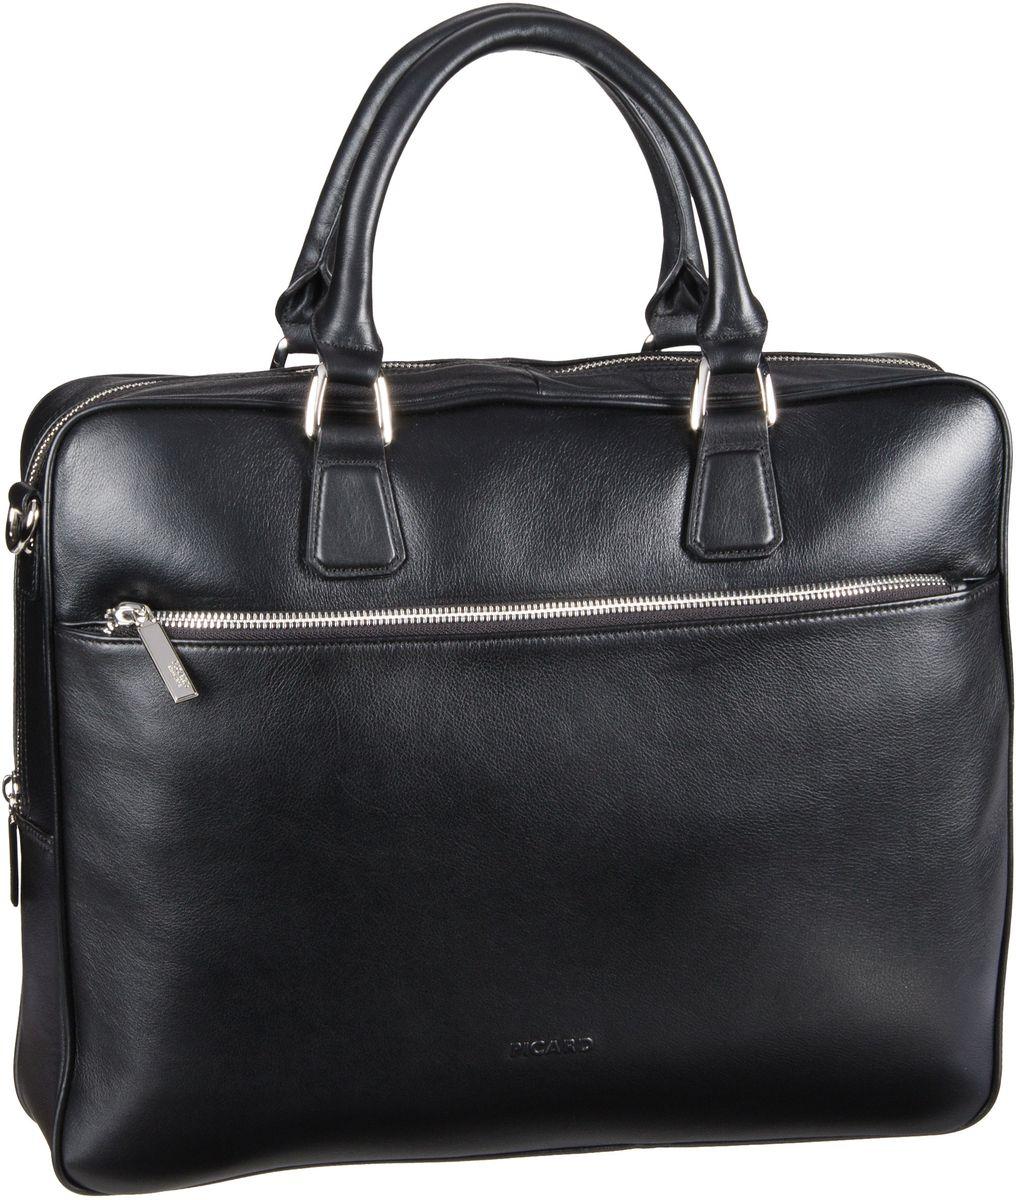 Businesstaschen für Frauen - Picard Aktentasche Maggie Aktentasche Schwarz  - Onlineshop Taschenkaufhaus